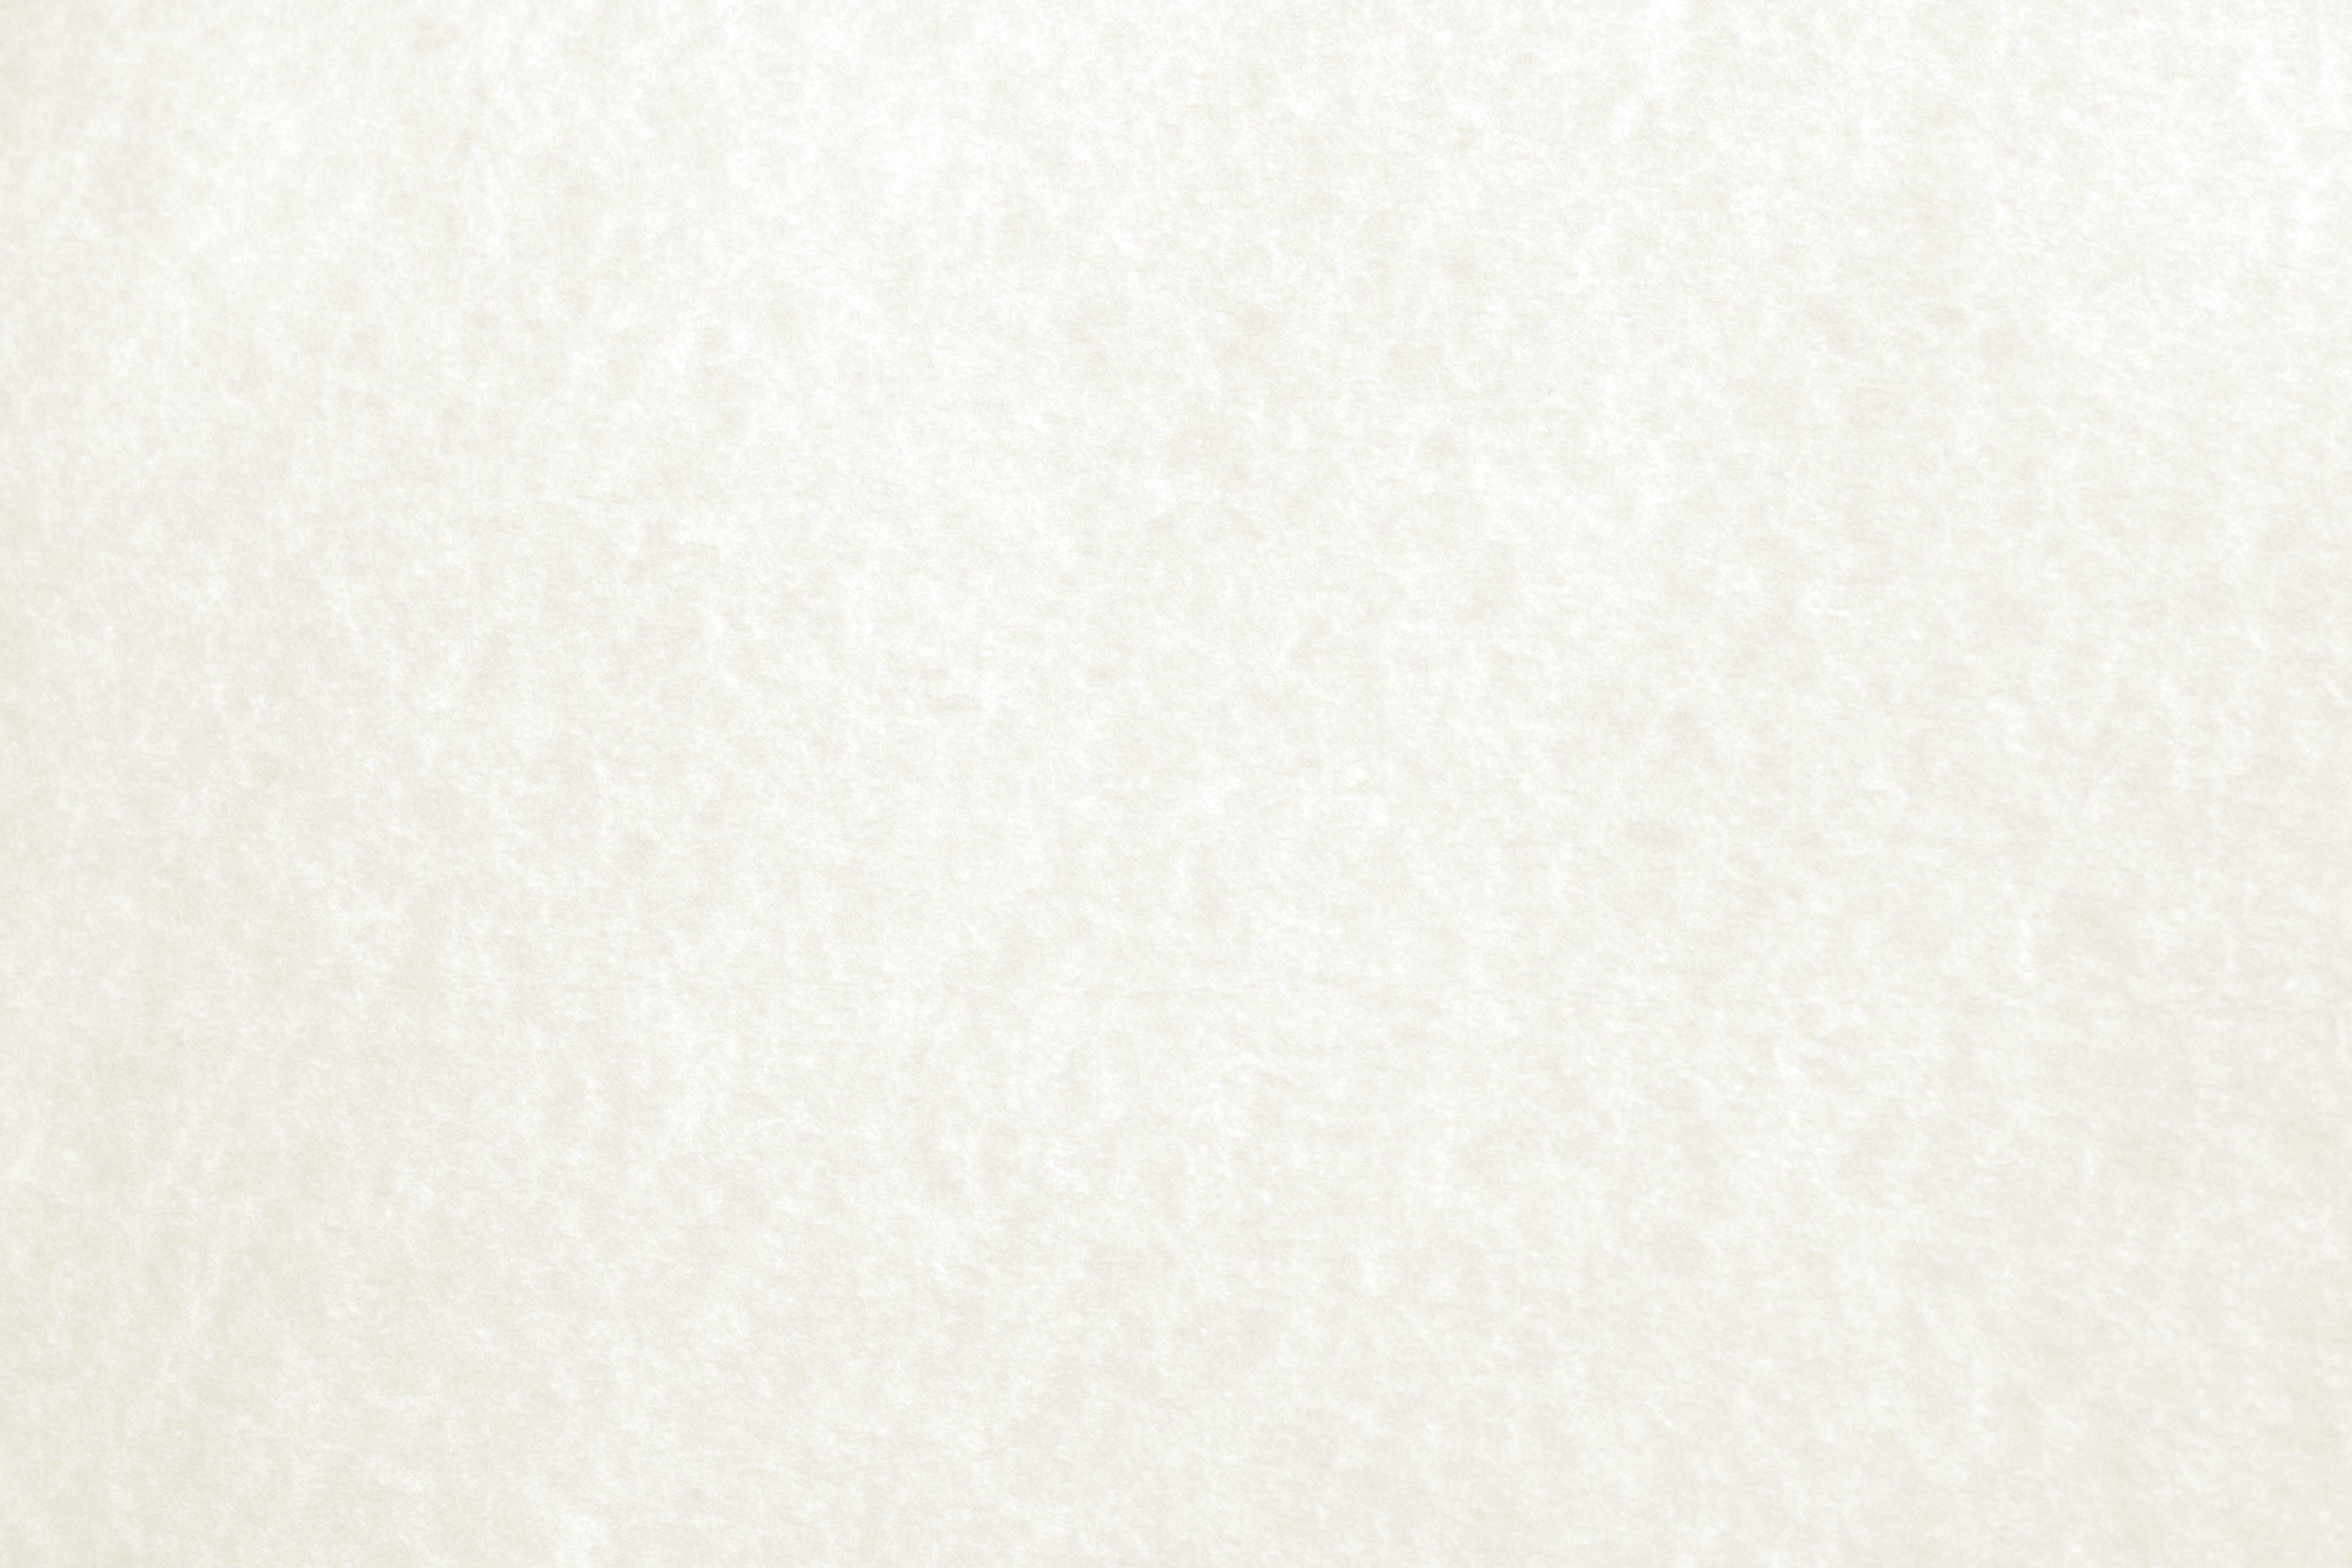 white-parchment-paper-texture